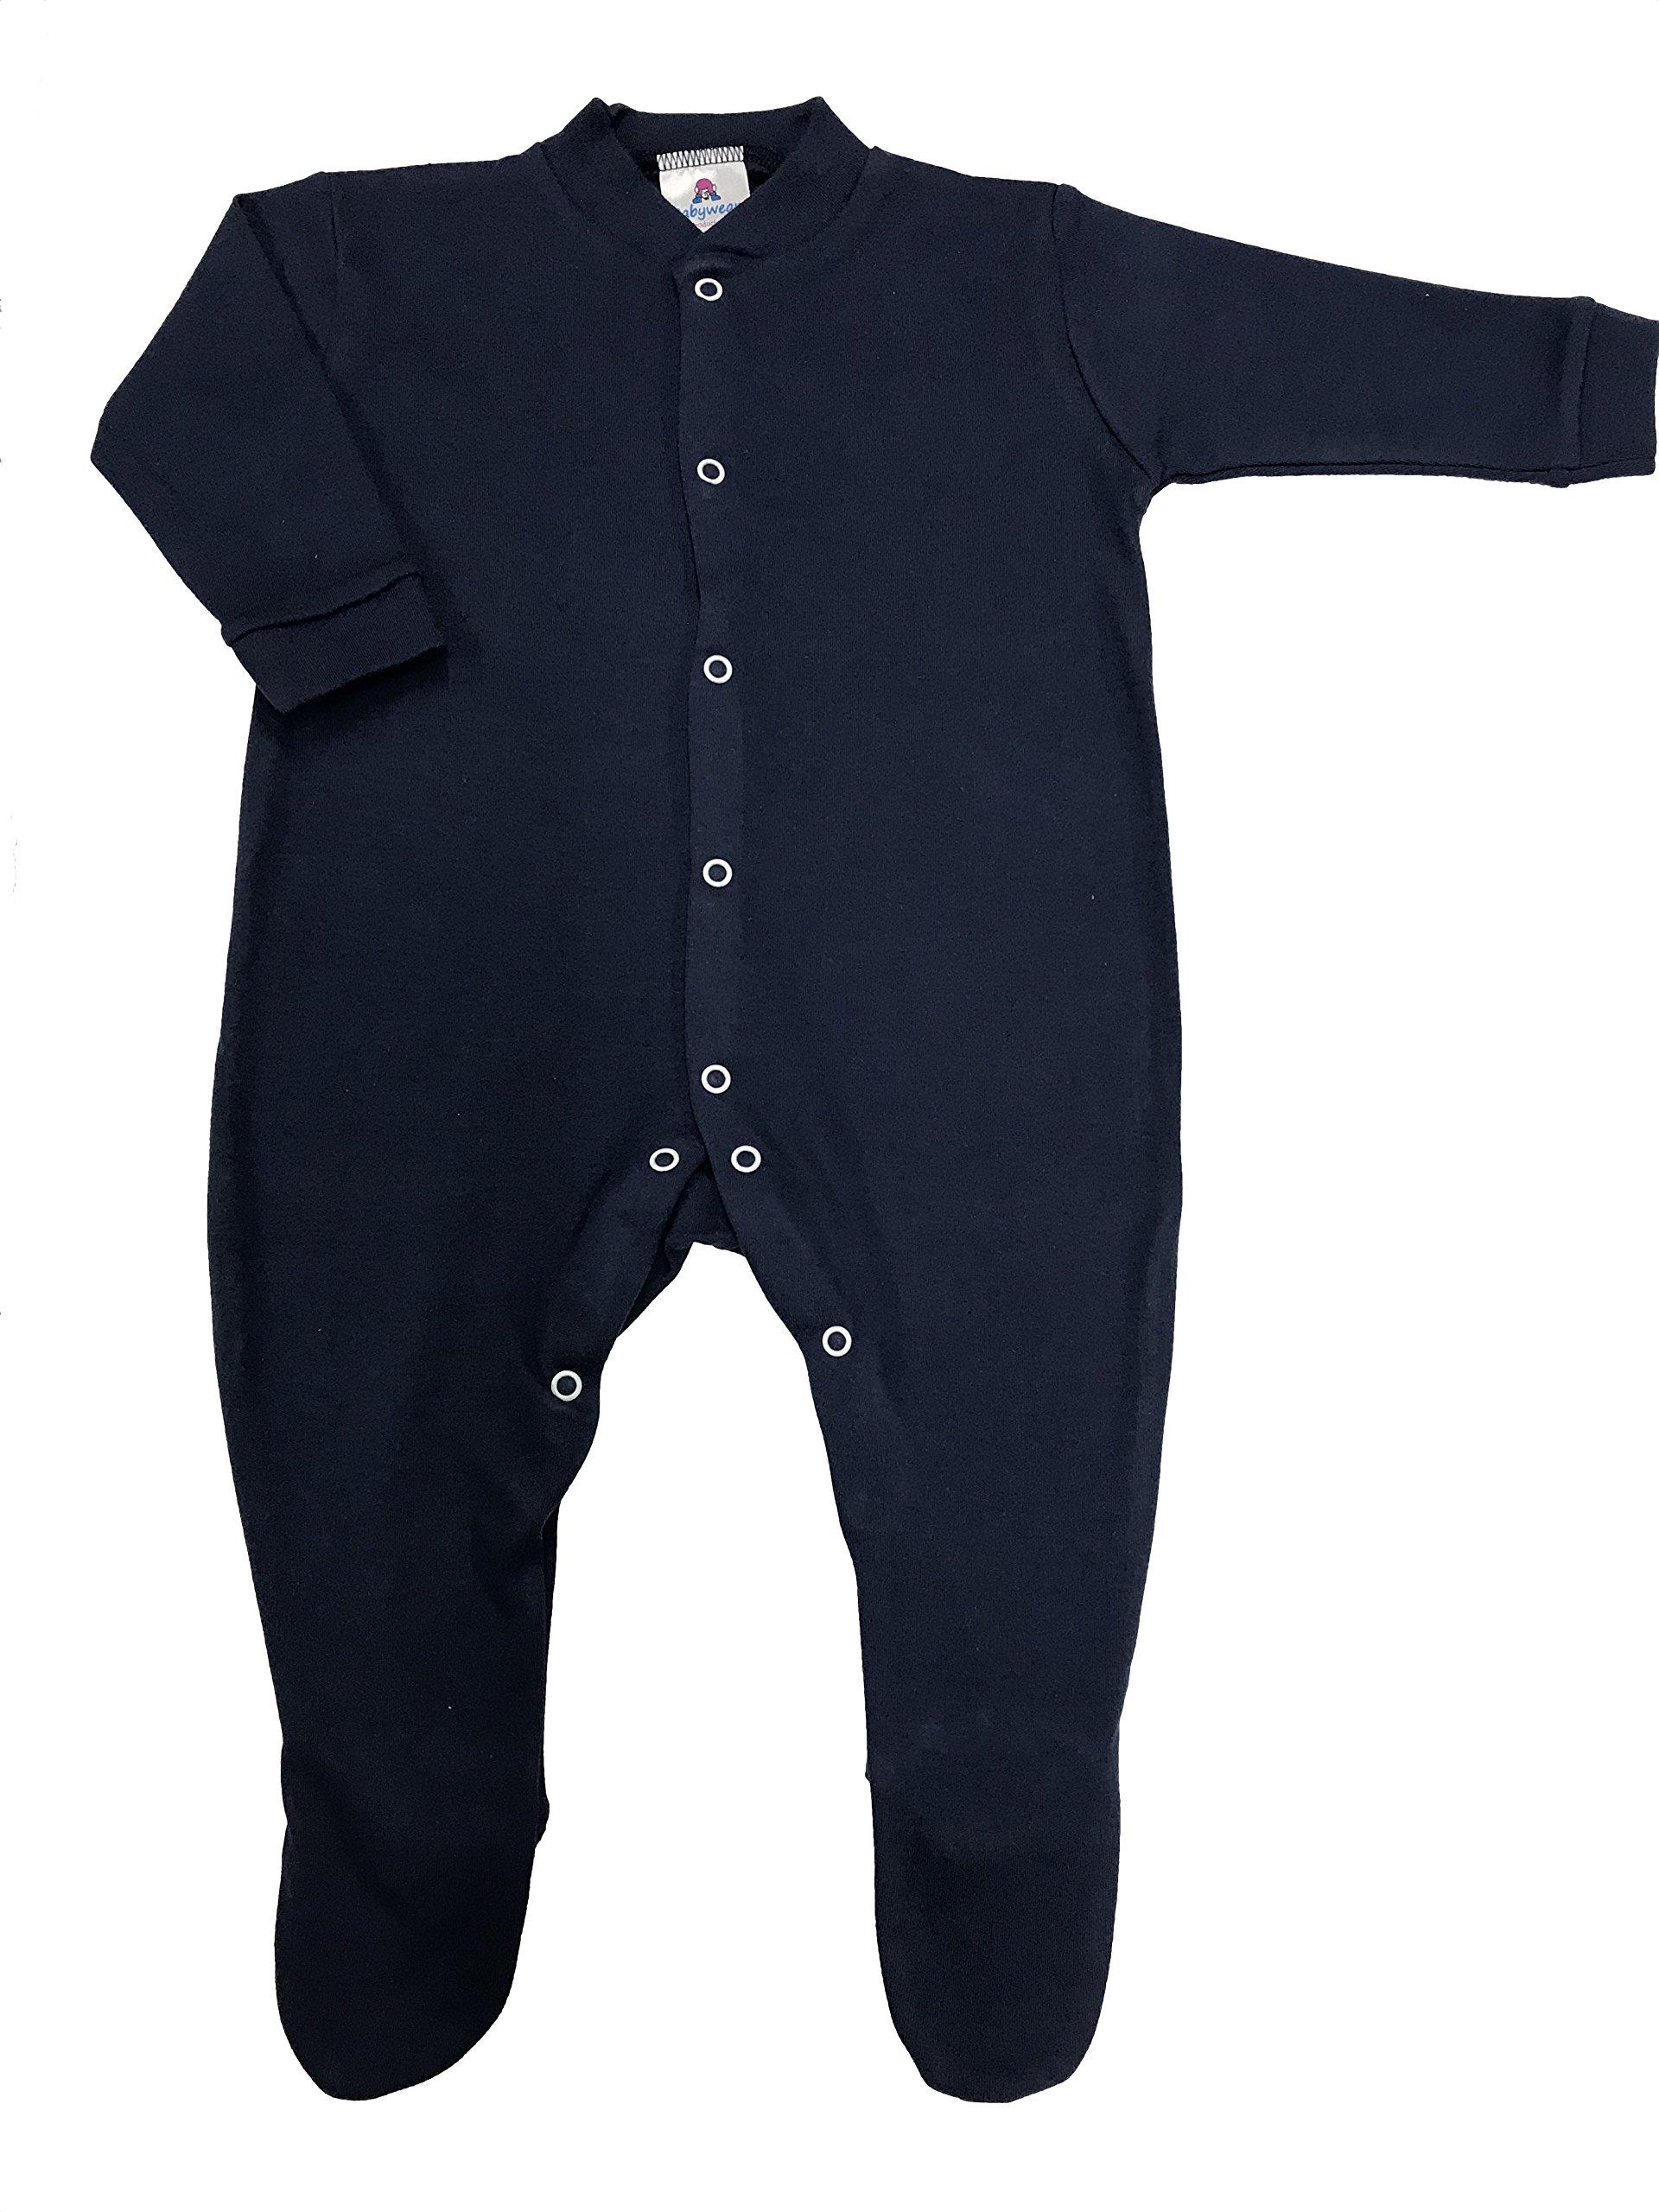 BabywearUK Pijama – Fabricado en Reino Unido rosa rosa Talla:recién nacido 1